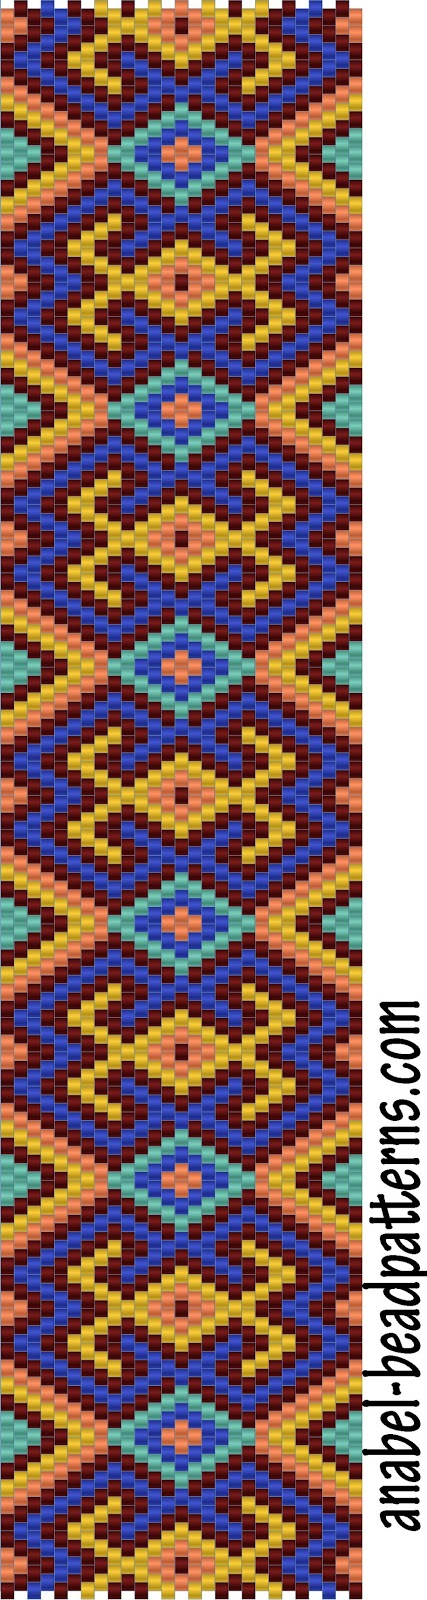 схема бисероплетение мозаика